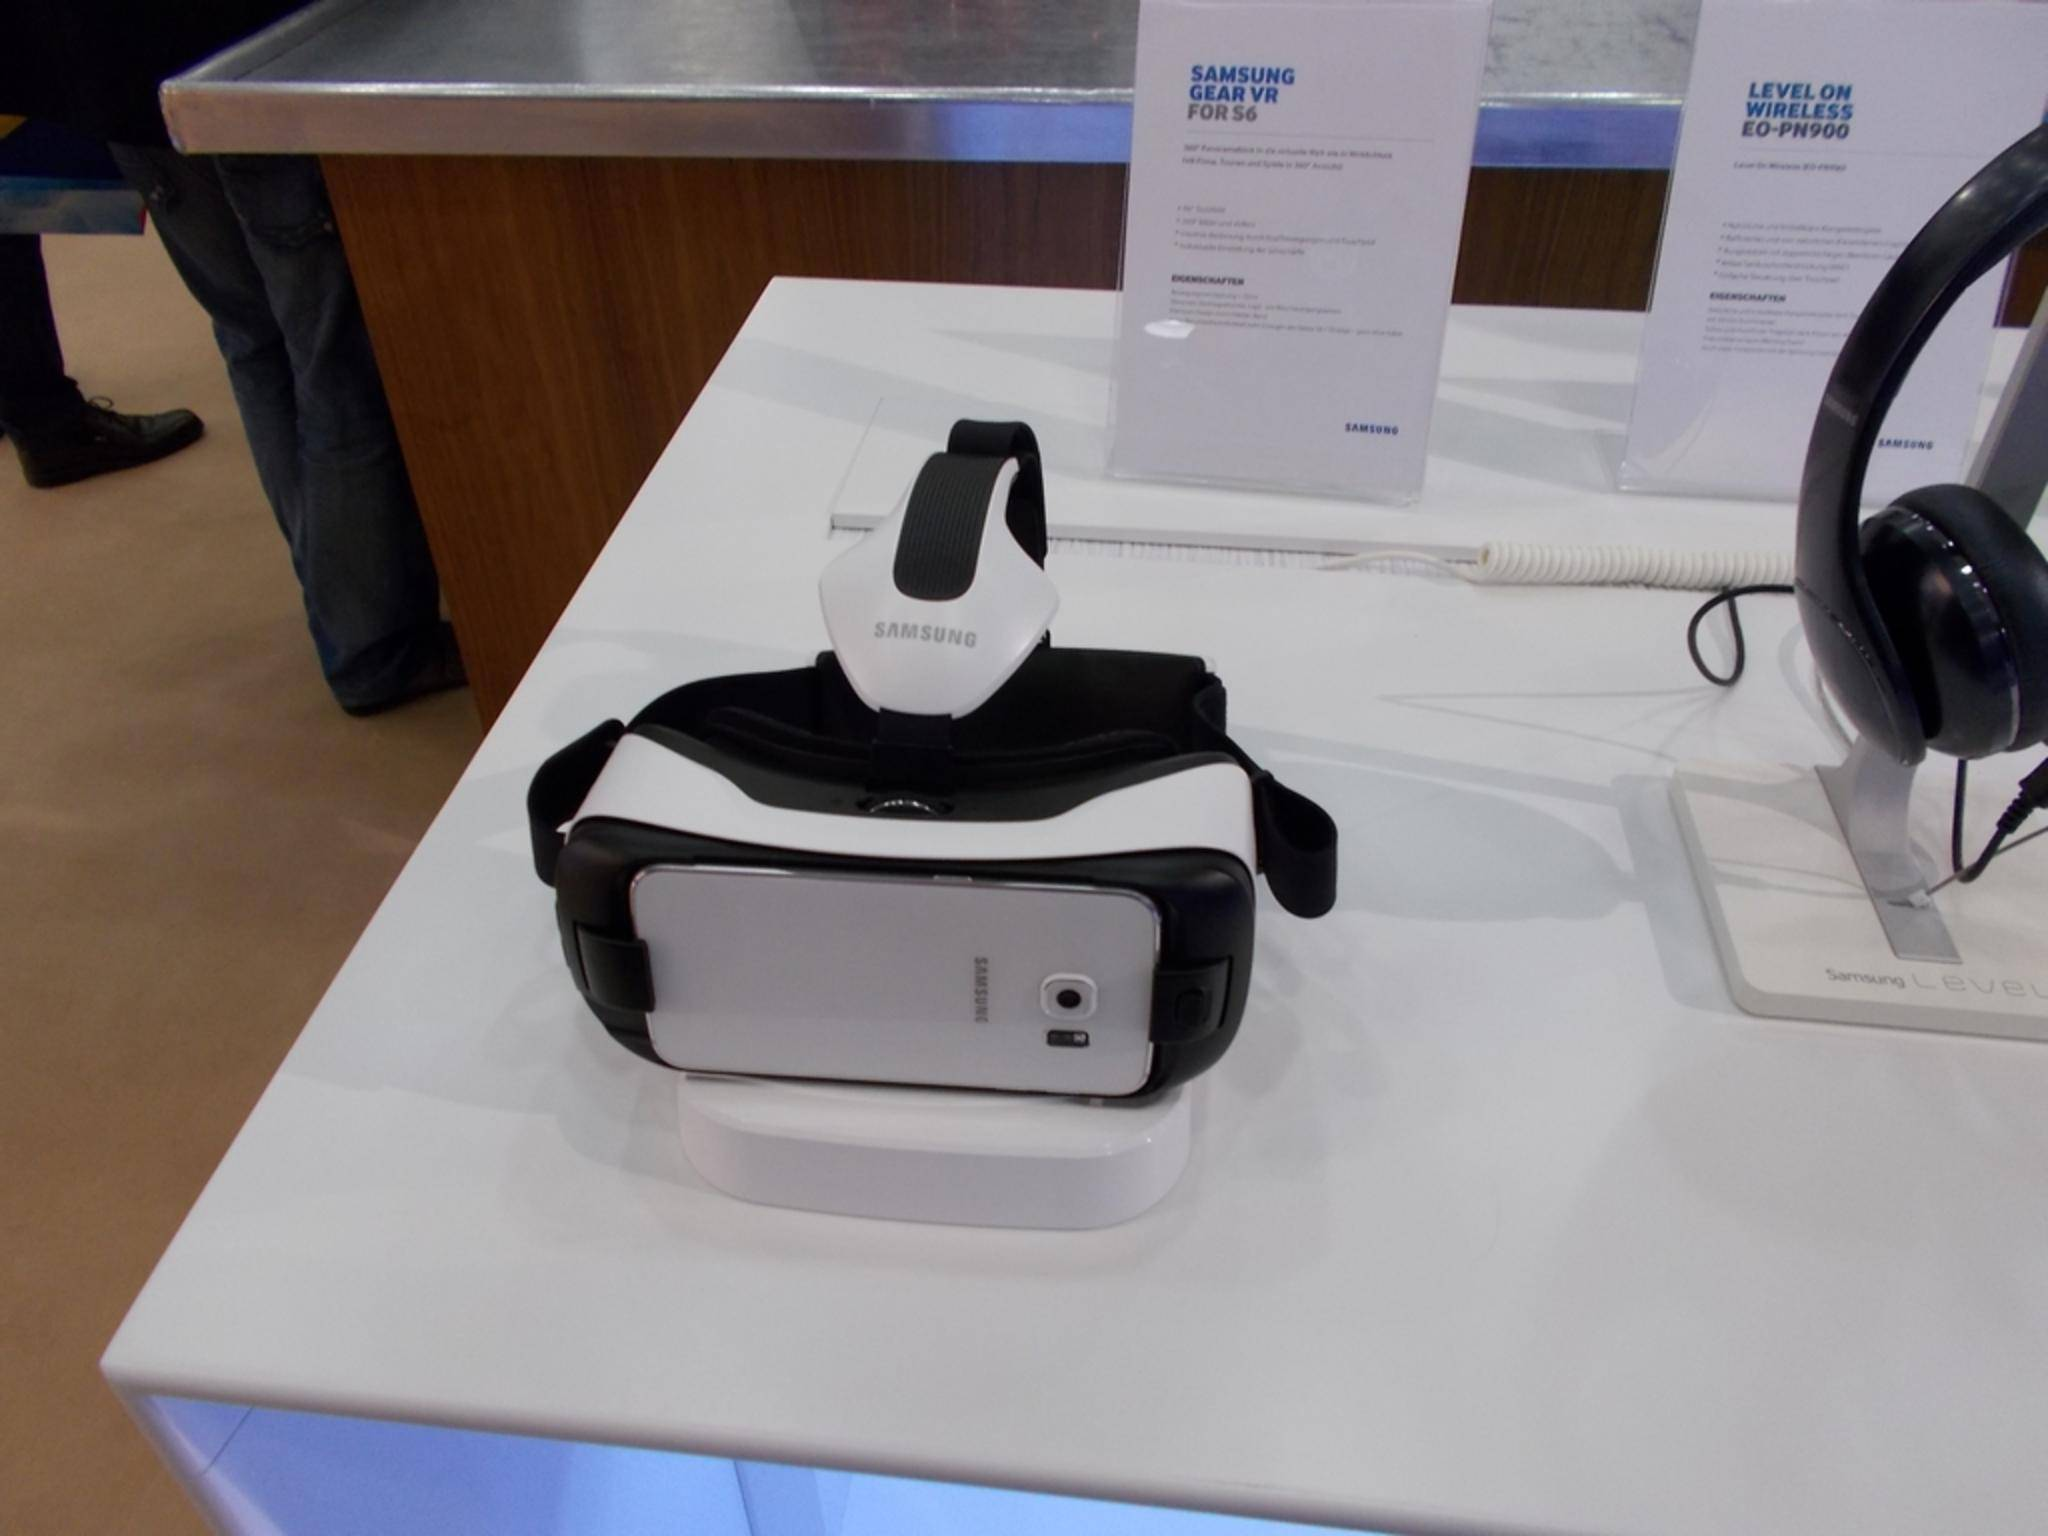 Auch auf der IFA war die Samsung gear VR zu sehen